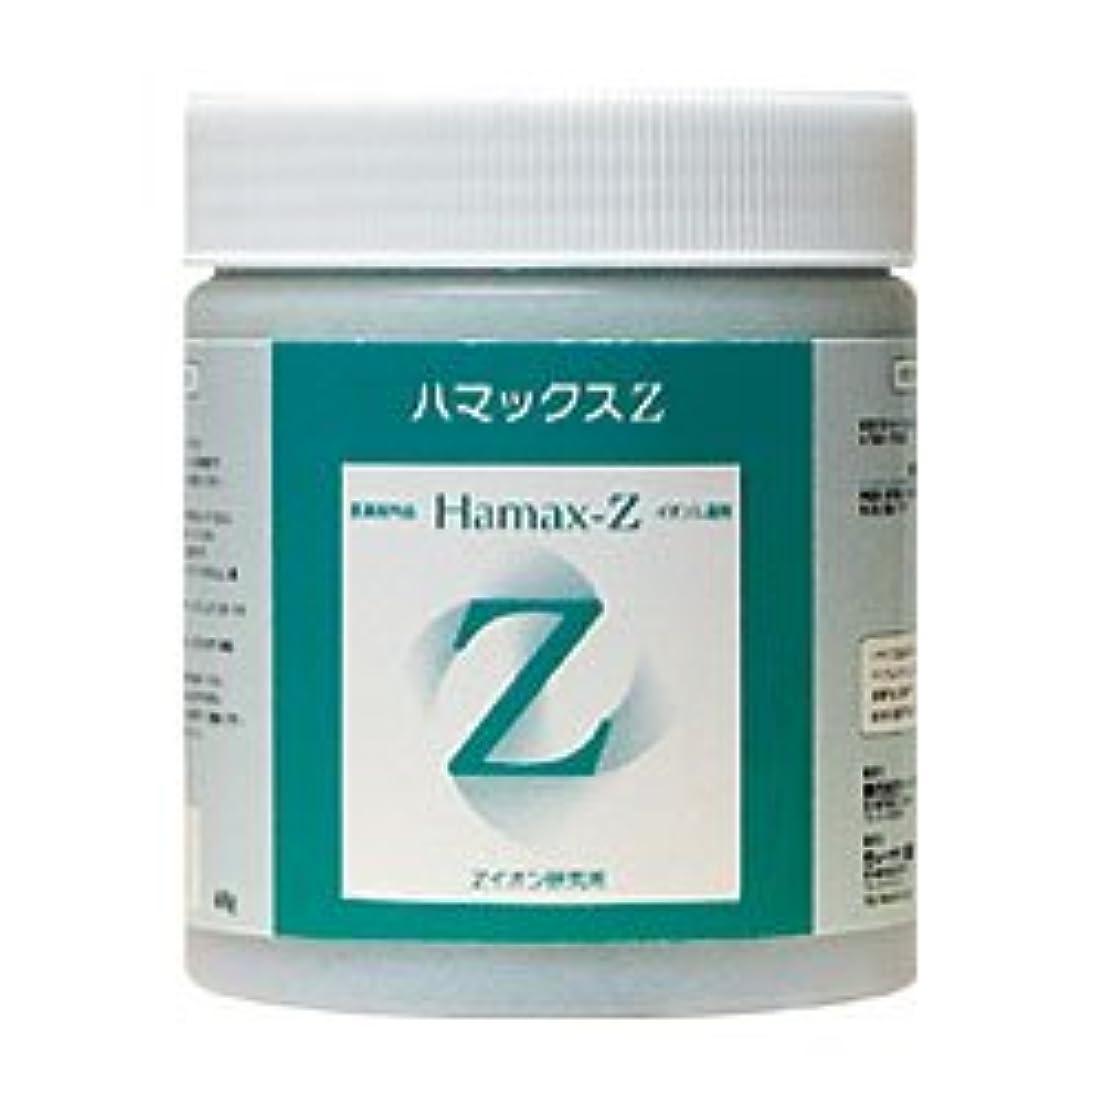 創始者ブランチ保安医薬部外品 イオン入湯剤ハマックスZ 400g